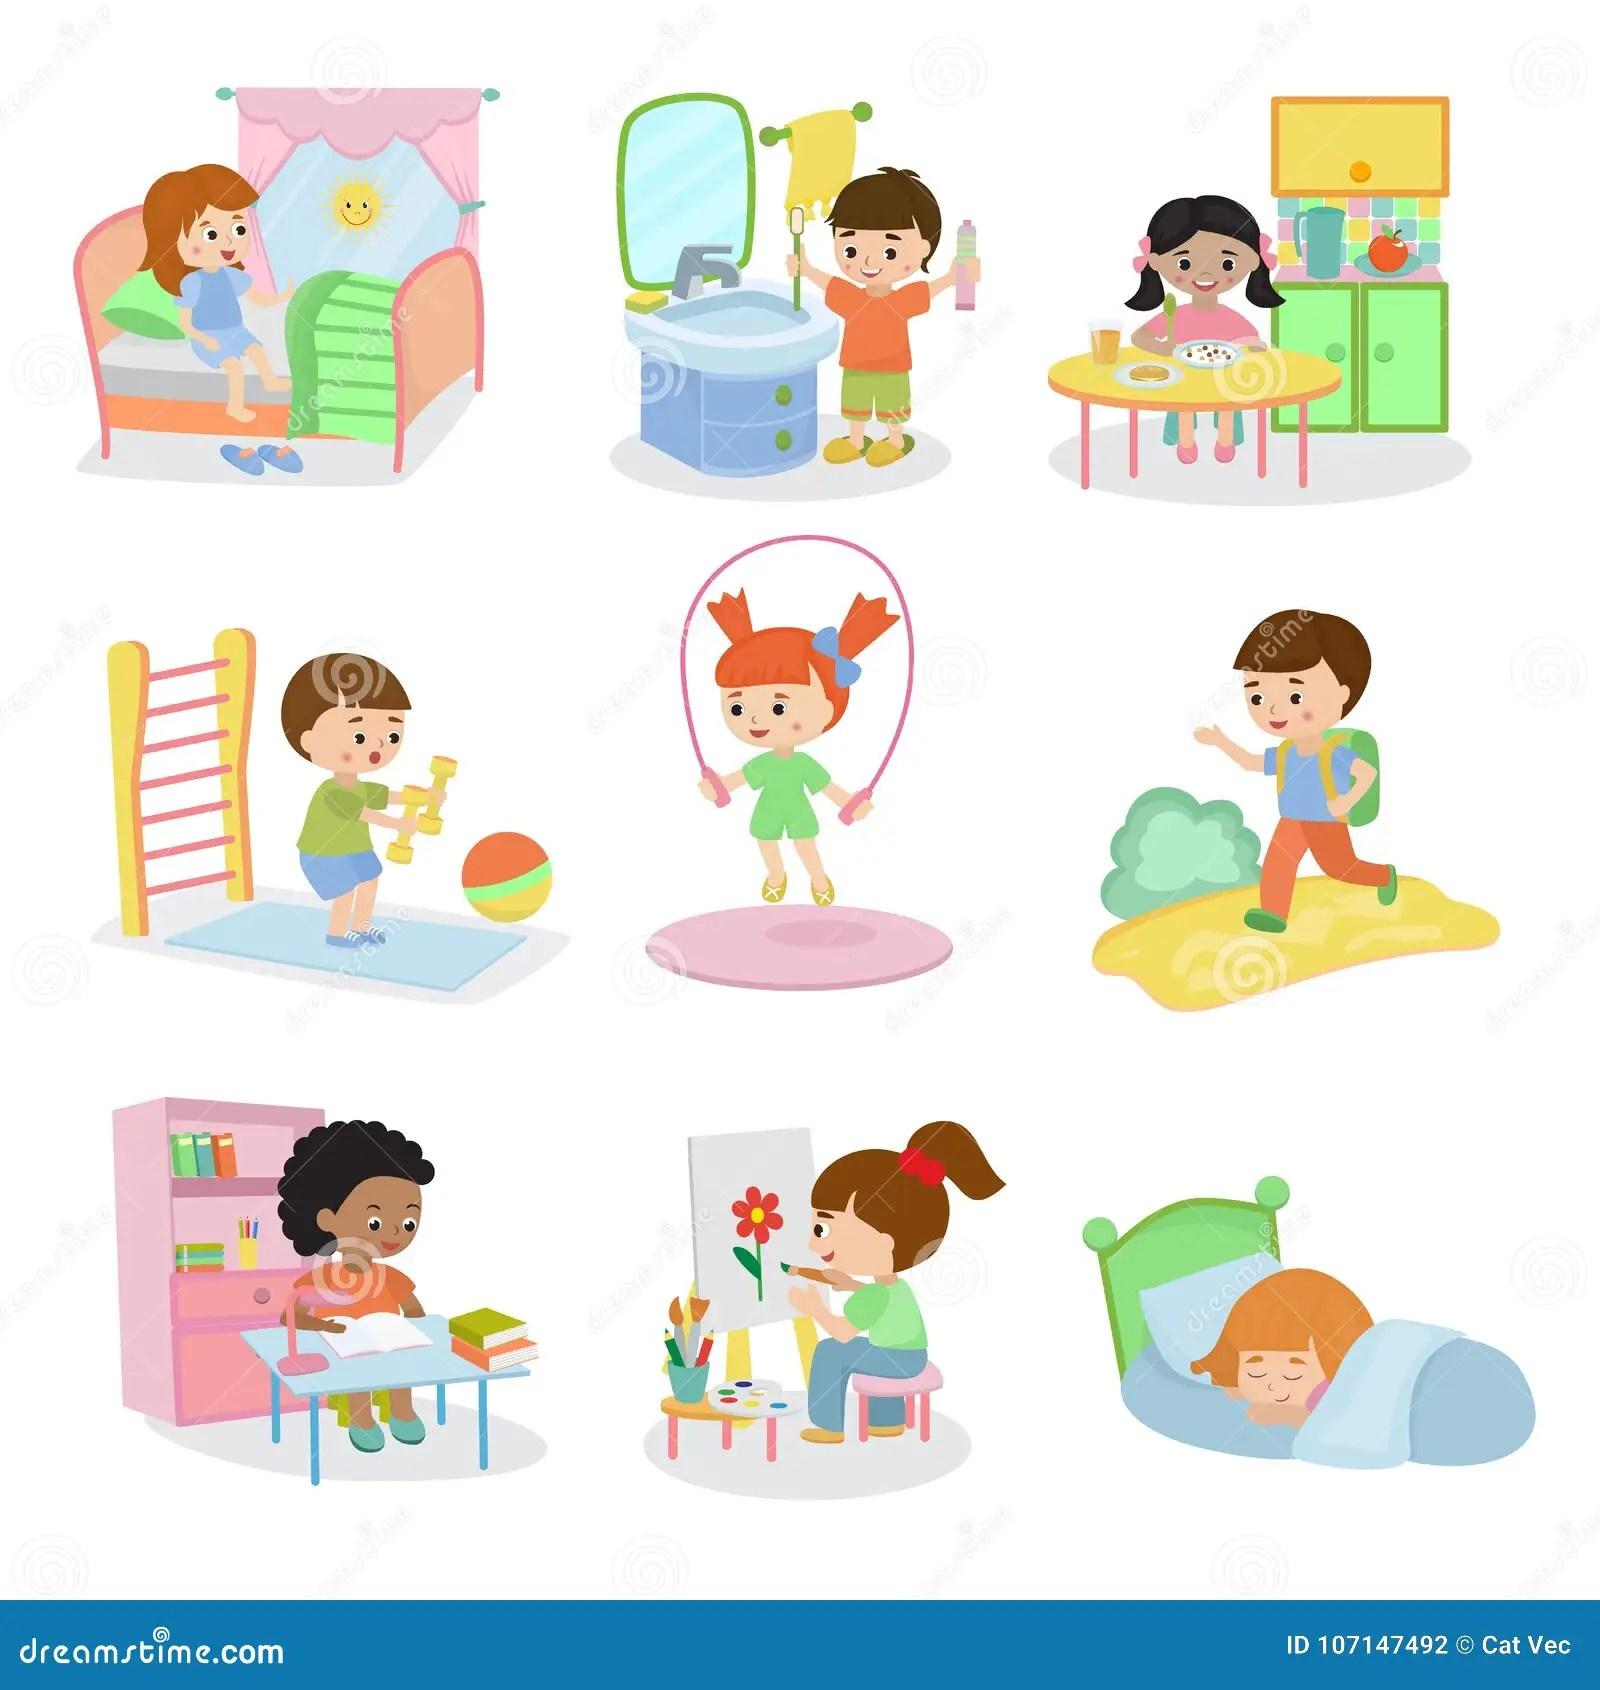 Healthy Sleeping Habits Worksheet